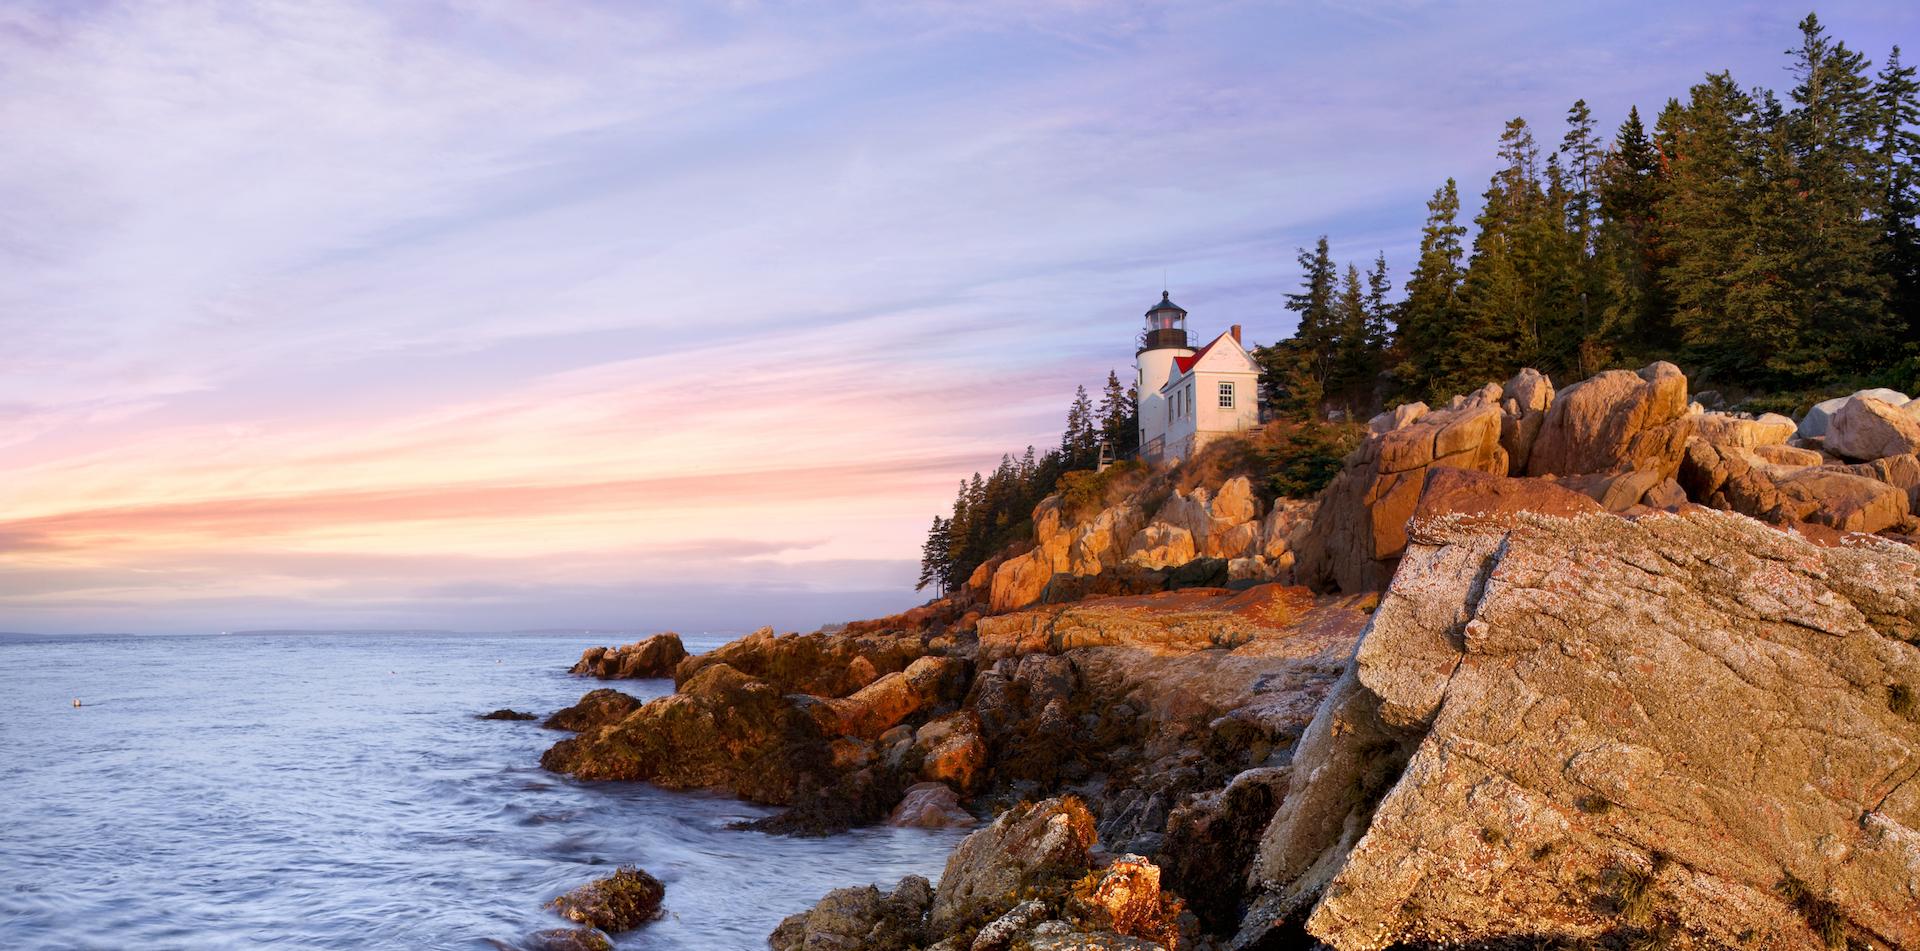 The Bass Harbor Head Light, Acadia National Park